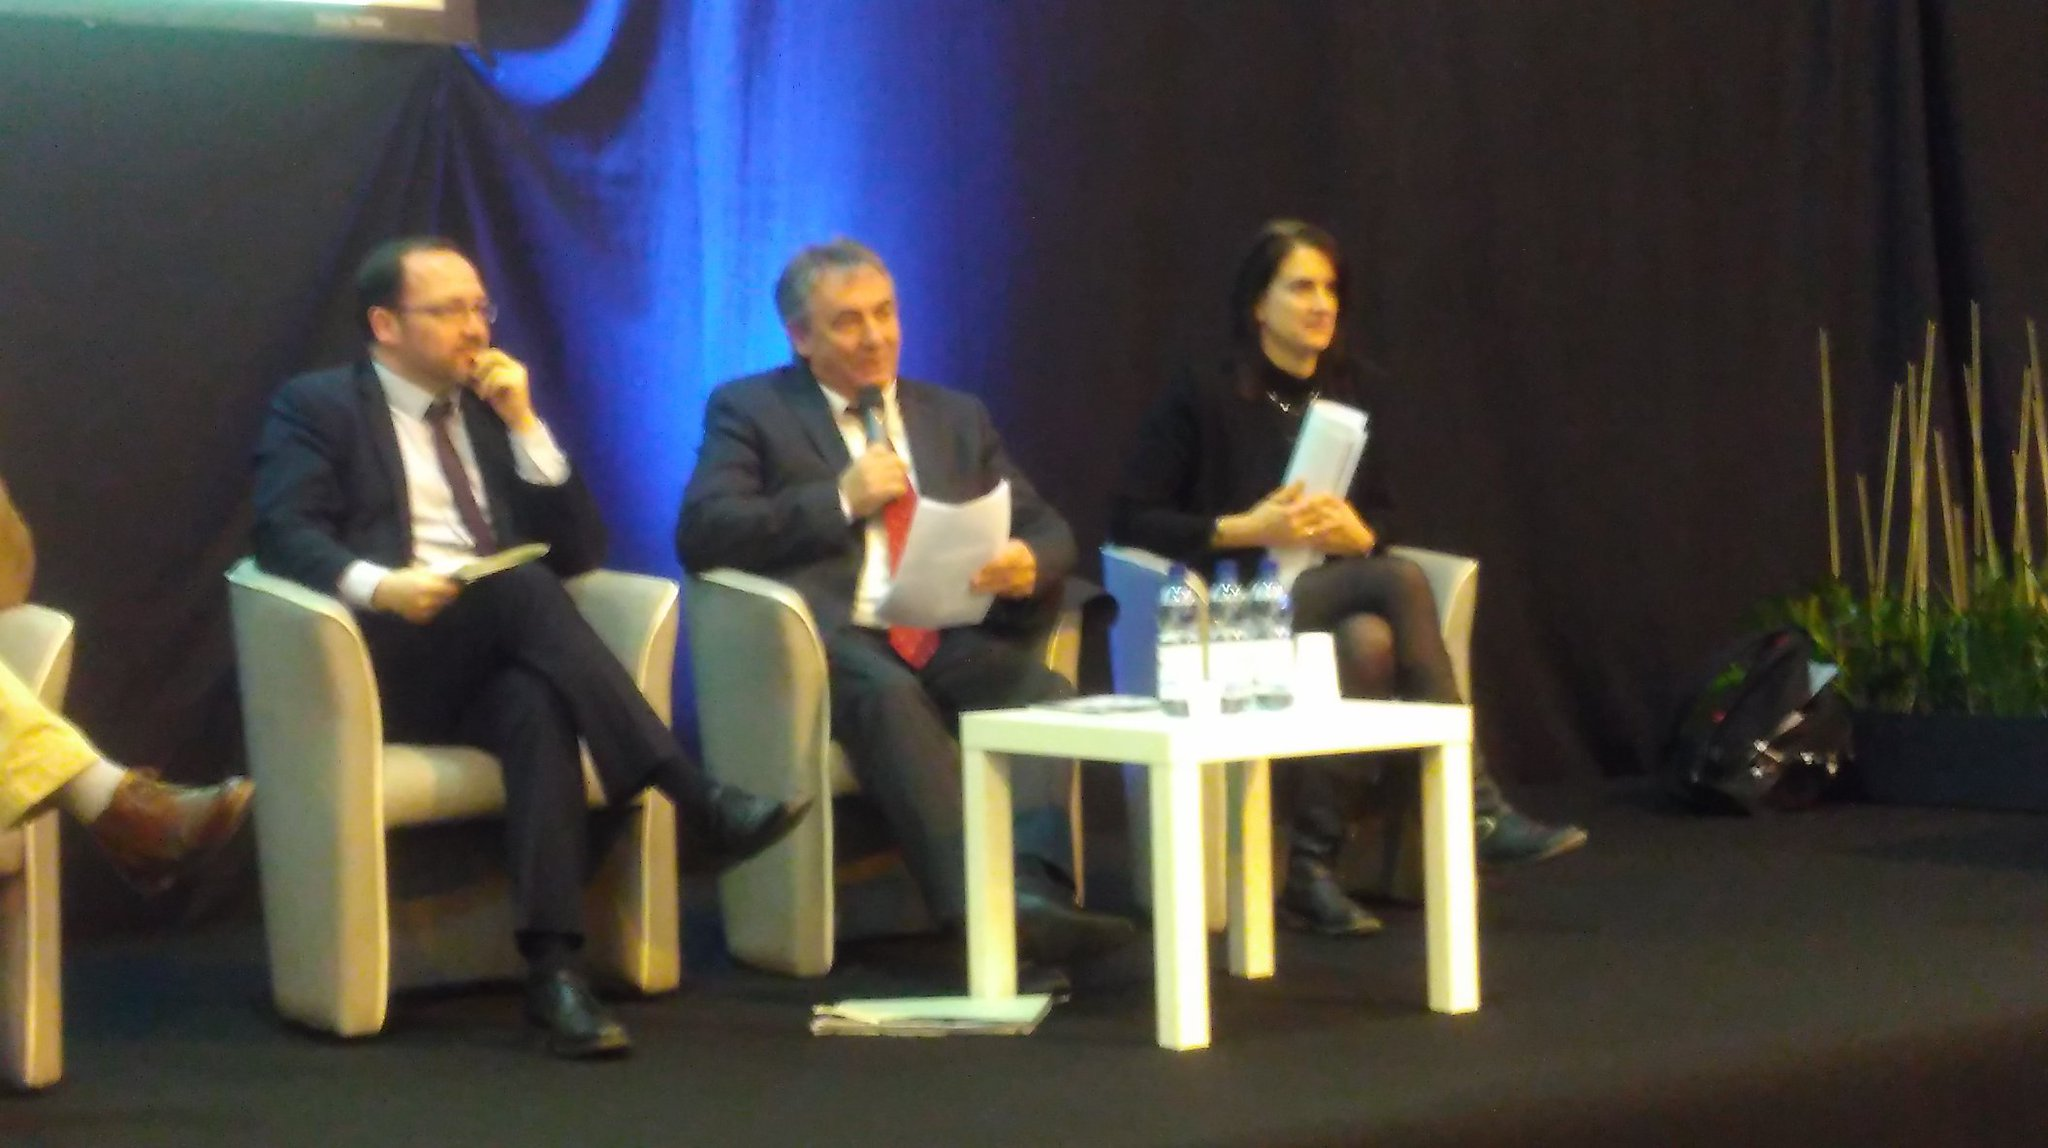 """Maurice Perrion, VP région @paysdelaloire : """"le #biogaz est 1 énergie verte, d'avenir qui doit être soutenue par les régions"""" @BiogazEurope https://t.co/R5DBttOrF5"""